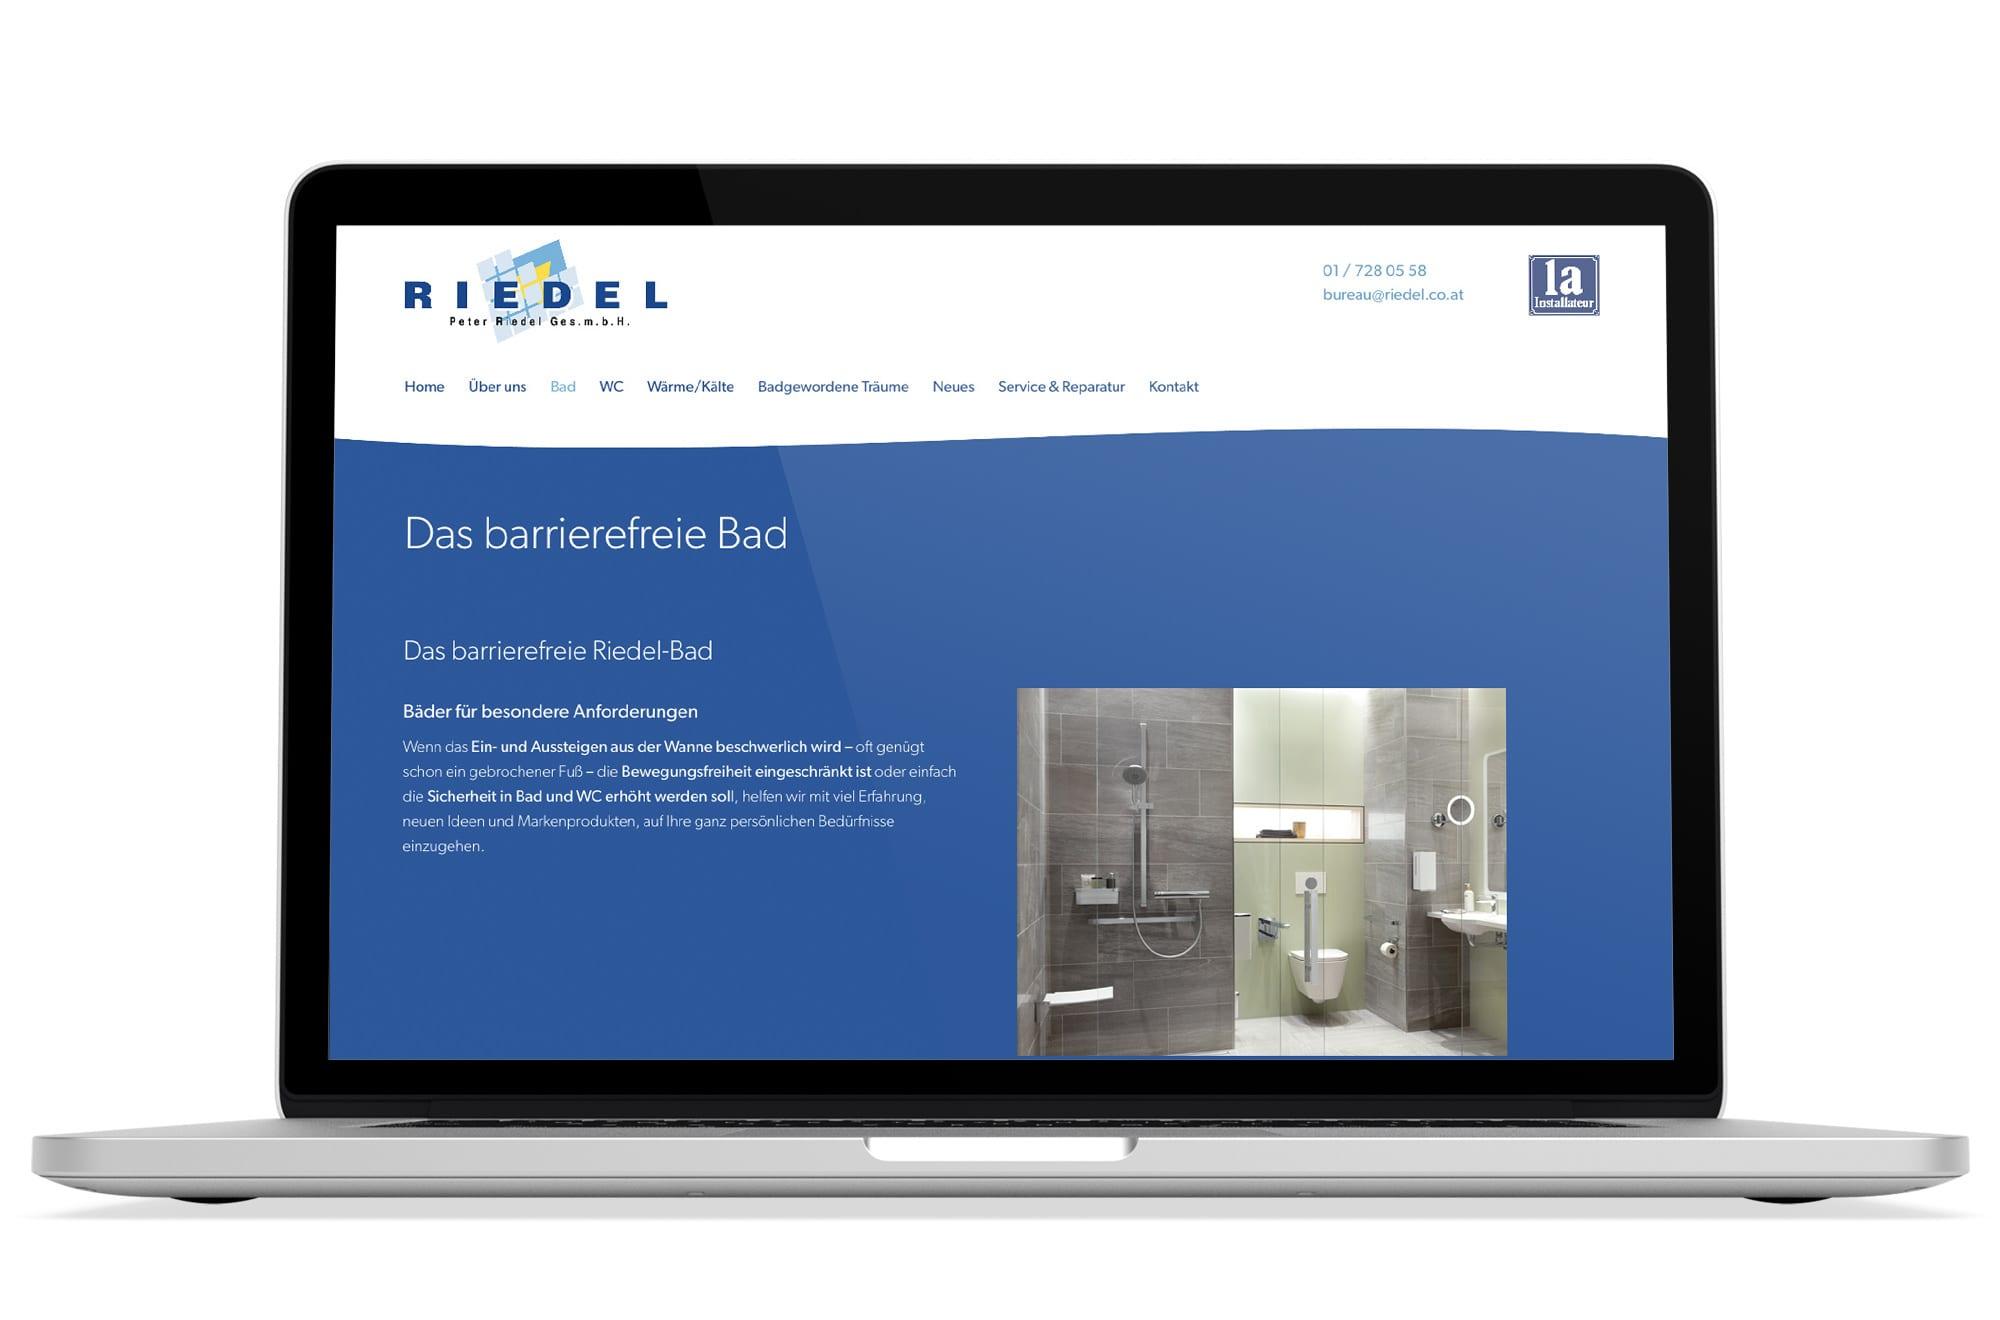 Responsive Webdesign Beispiel: Neue mobile Webseite für Installateur